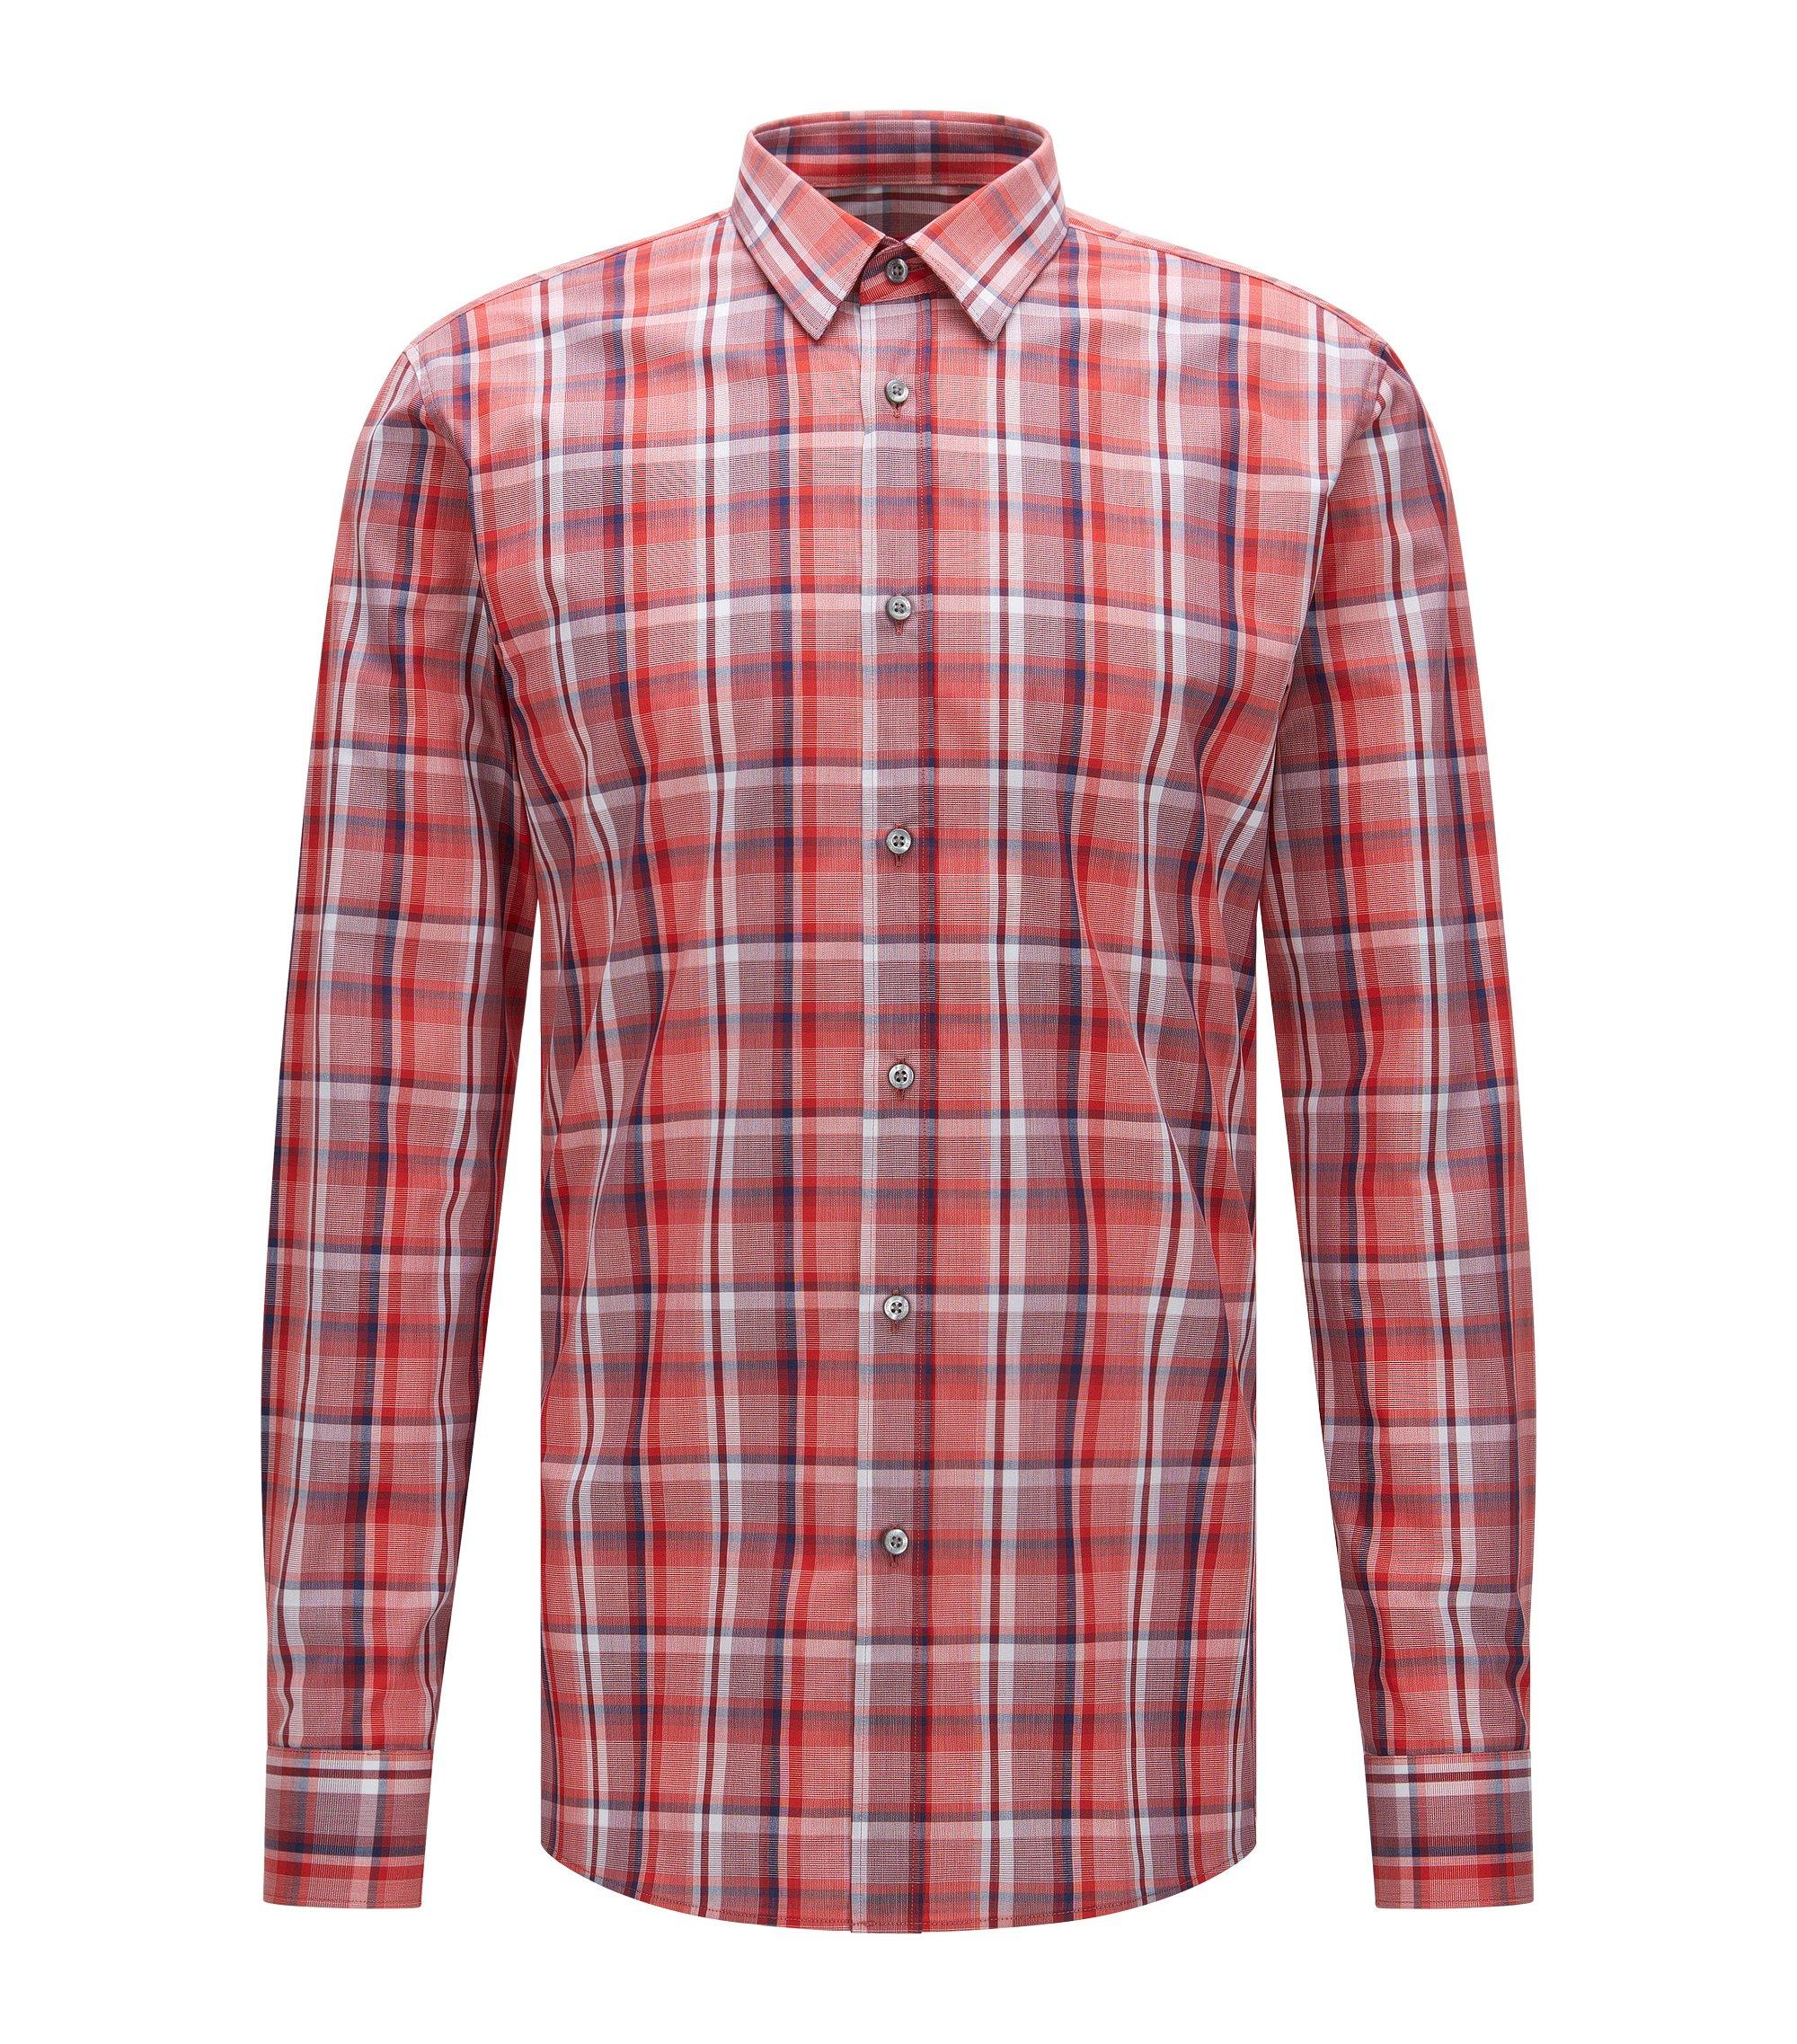 Plaid Cotton Dress Shirt, Extra-Slim Fit | Elisha, Red